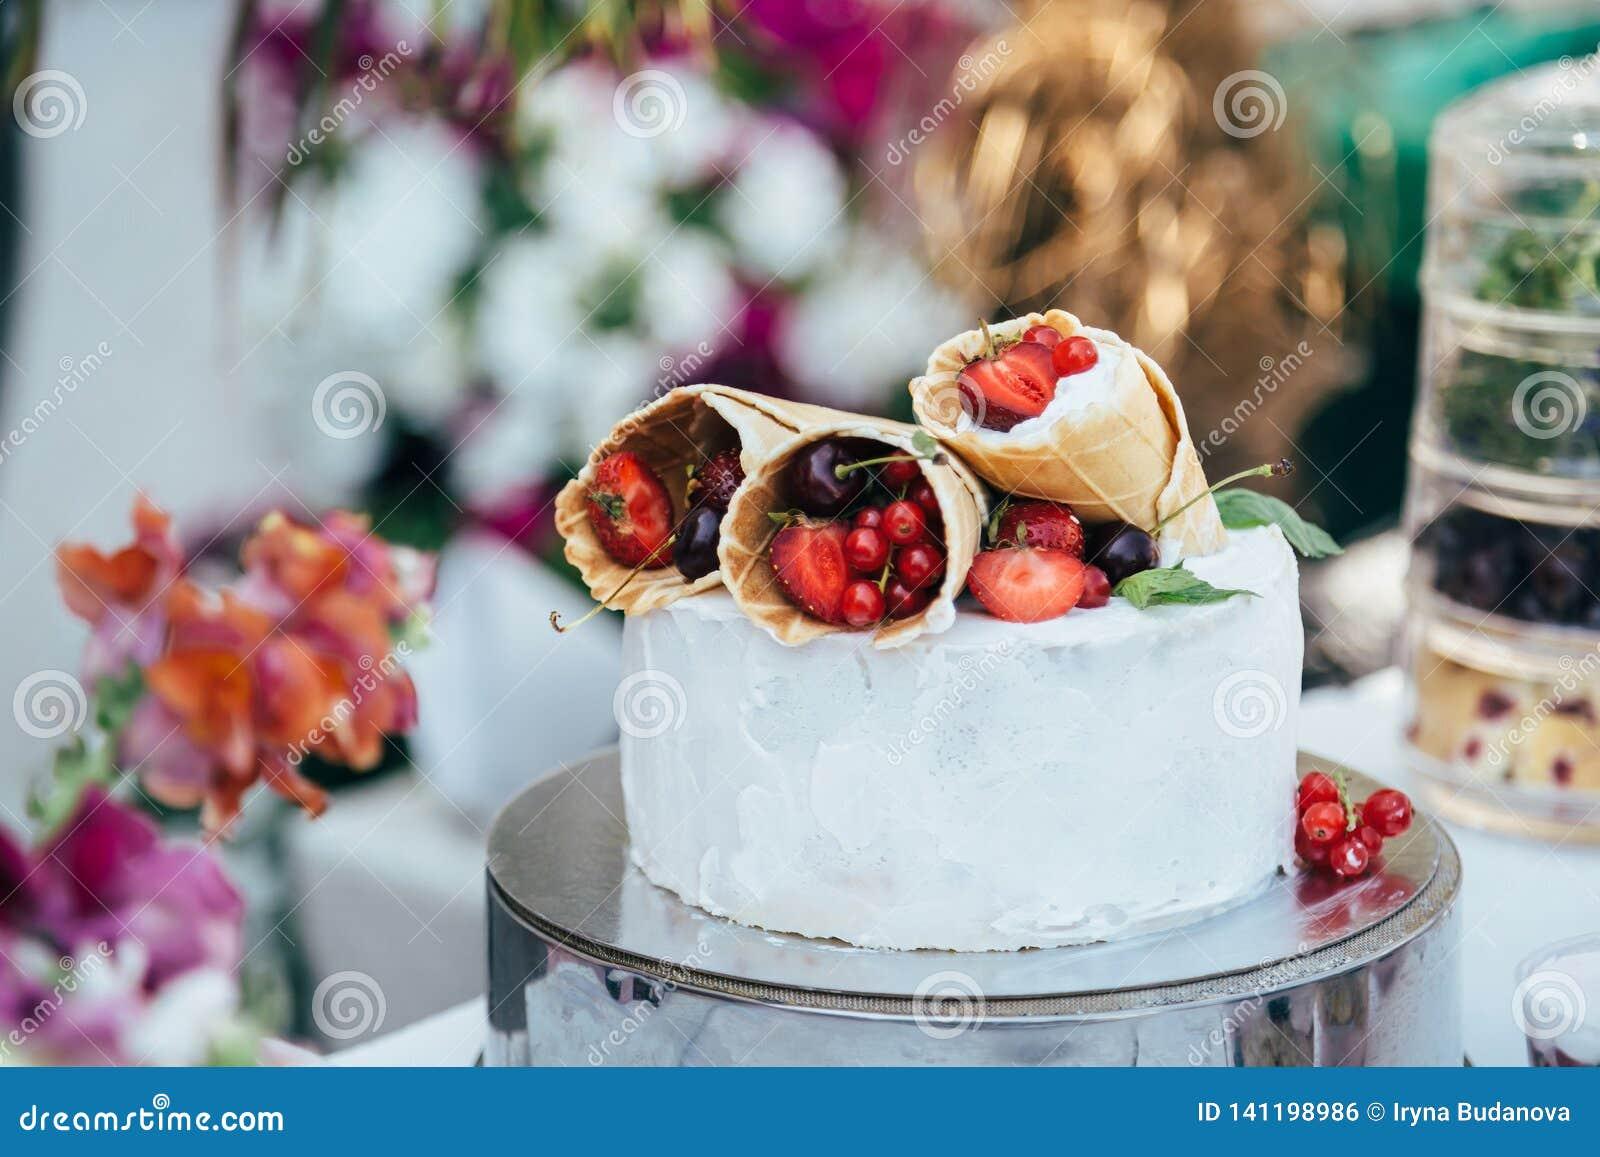 Bolo cremoso branco delicioso com os cones do waffle enchidos com as bagas diferentes nele, cercado com decorações da flor